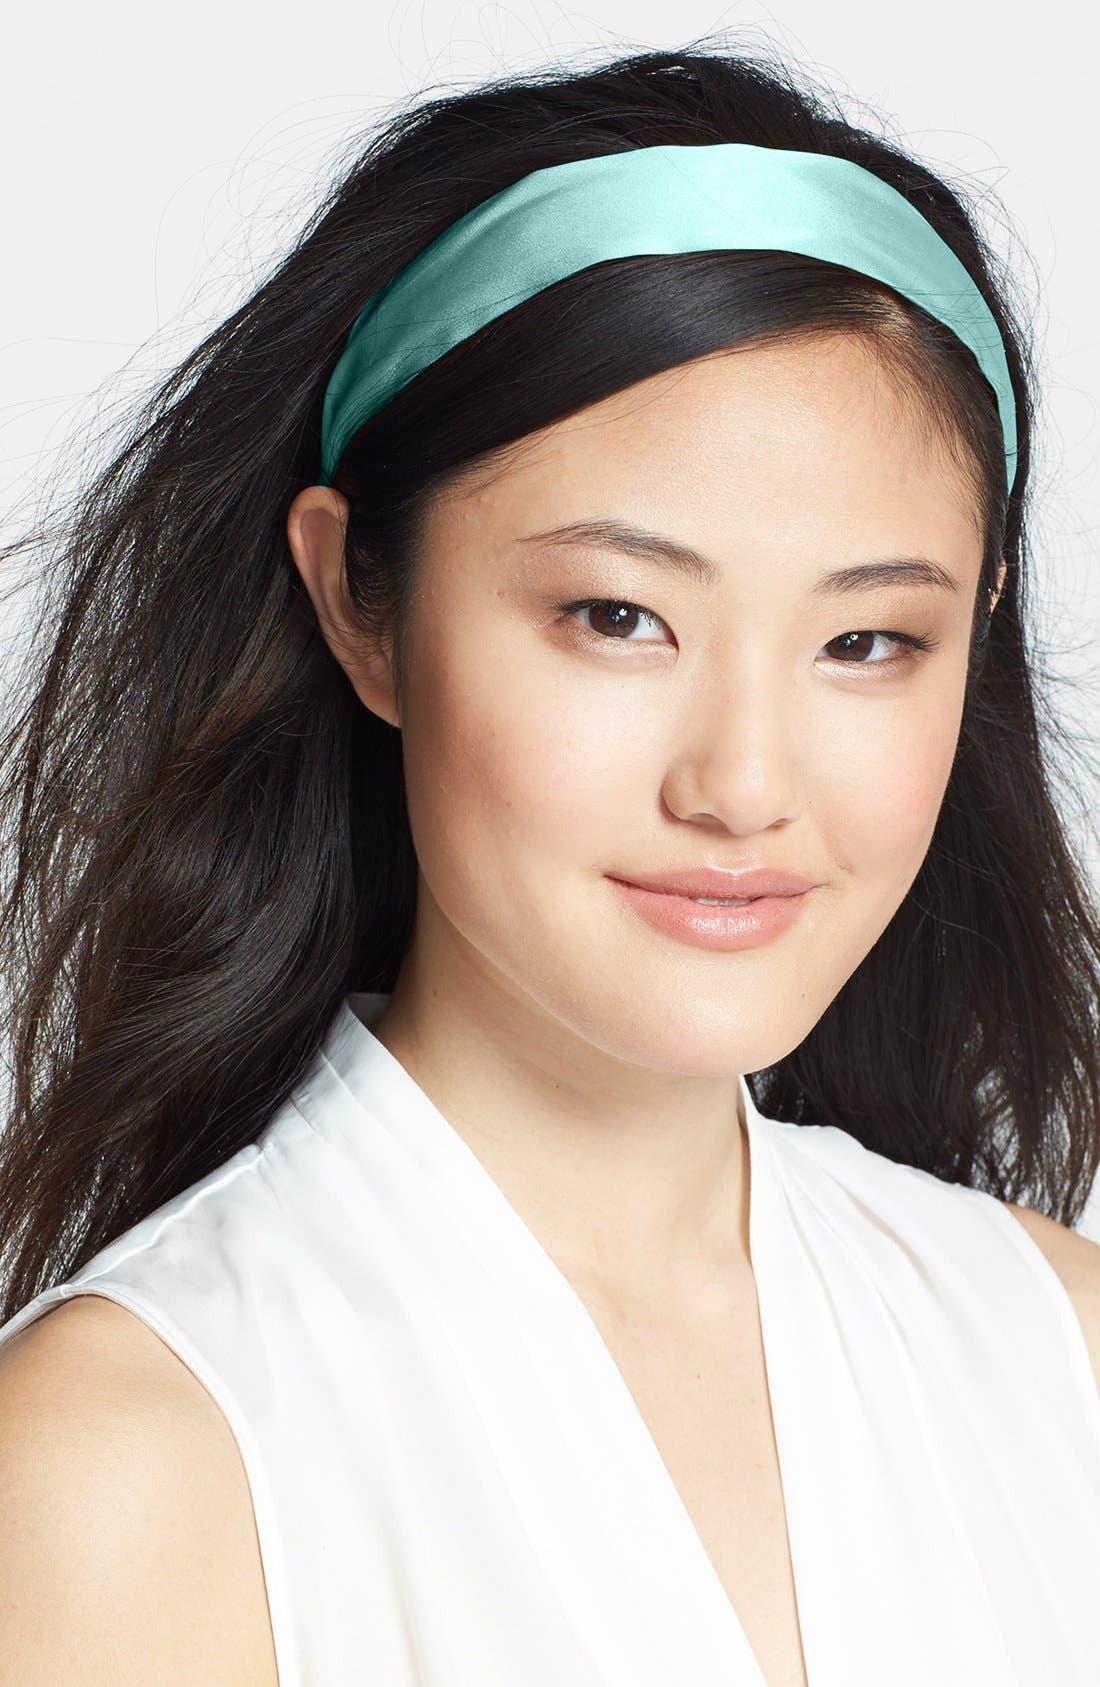 L. ERICKSON Silk Scarf Headband